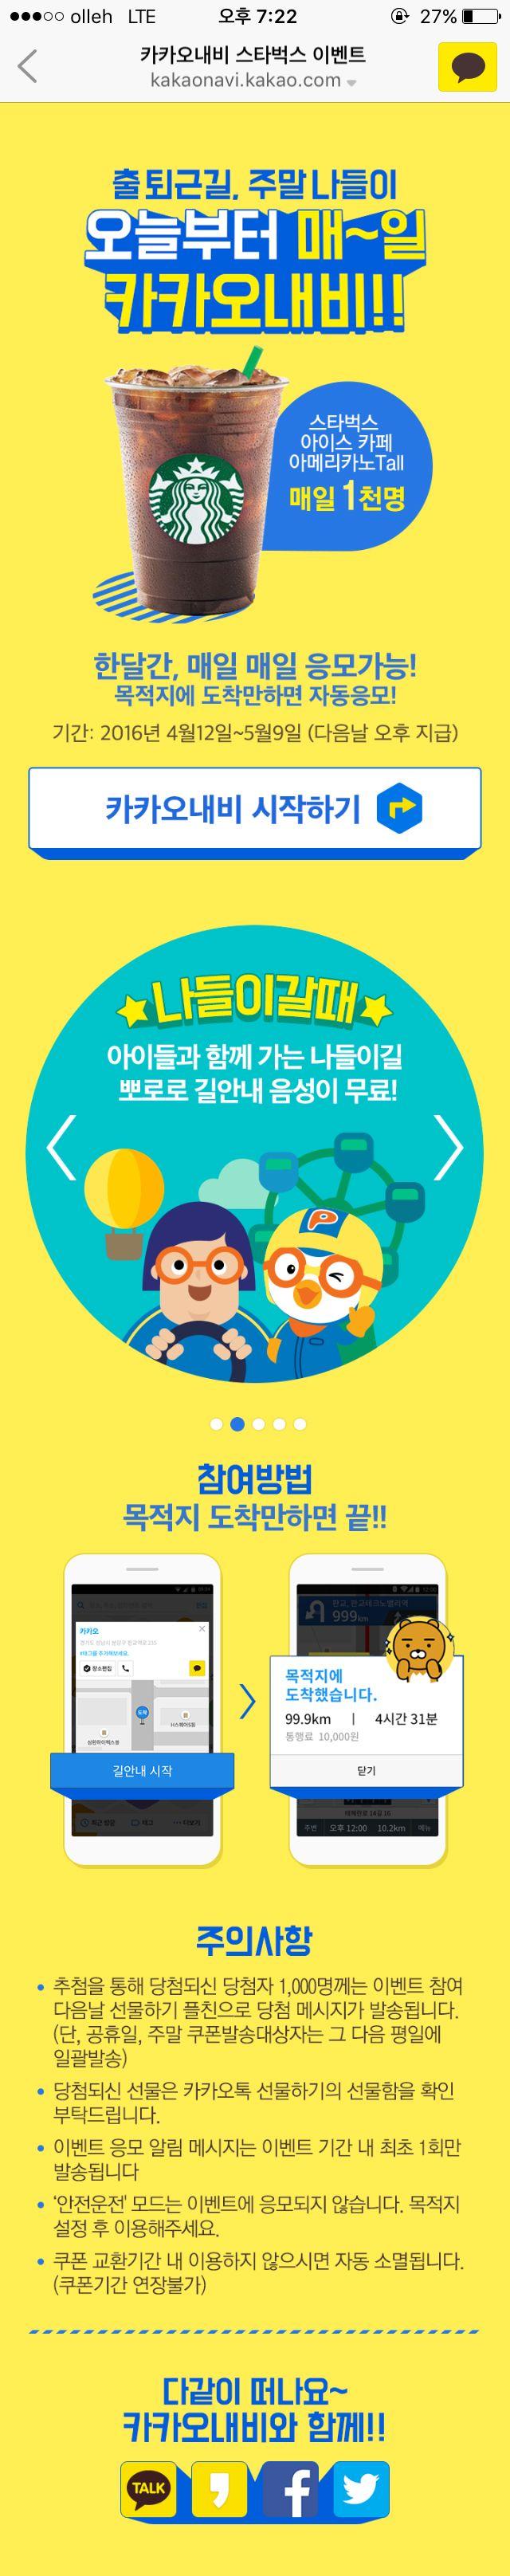 카카오내비 스타벅스 이벤트 모바일